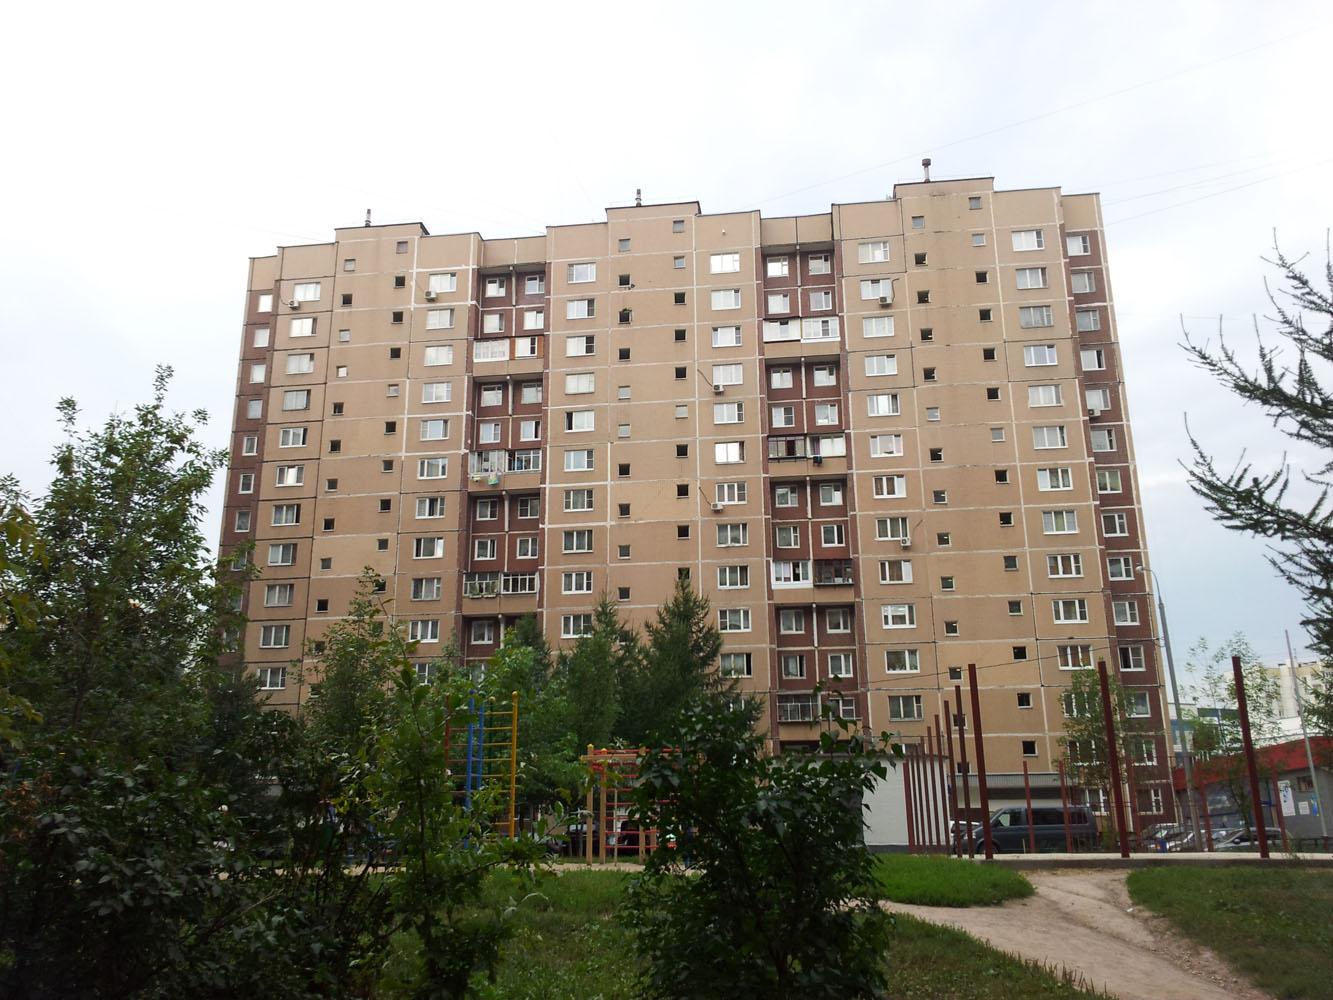 Цены на отделку балконов и лоджий в домах серии п-46м.